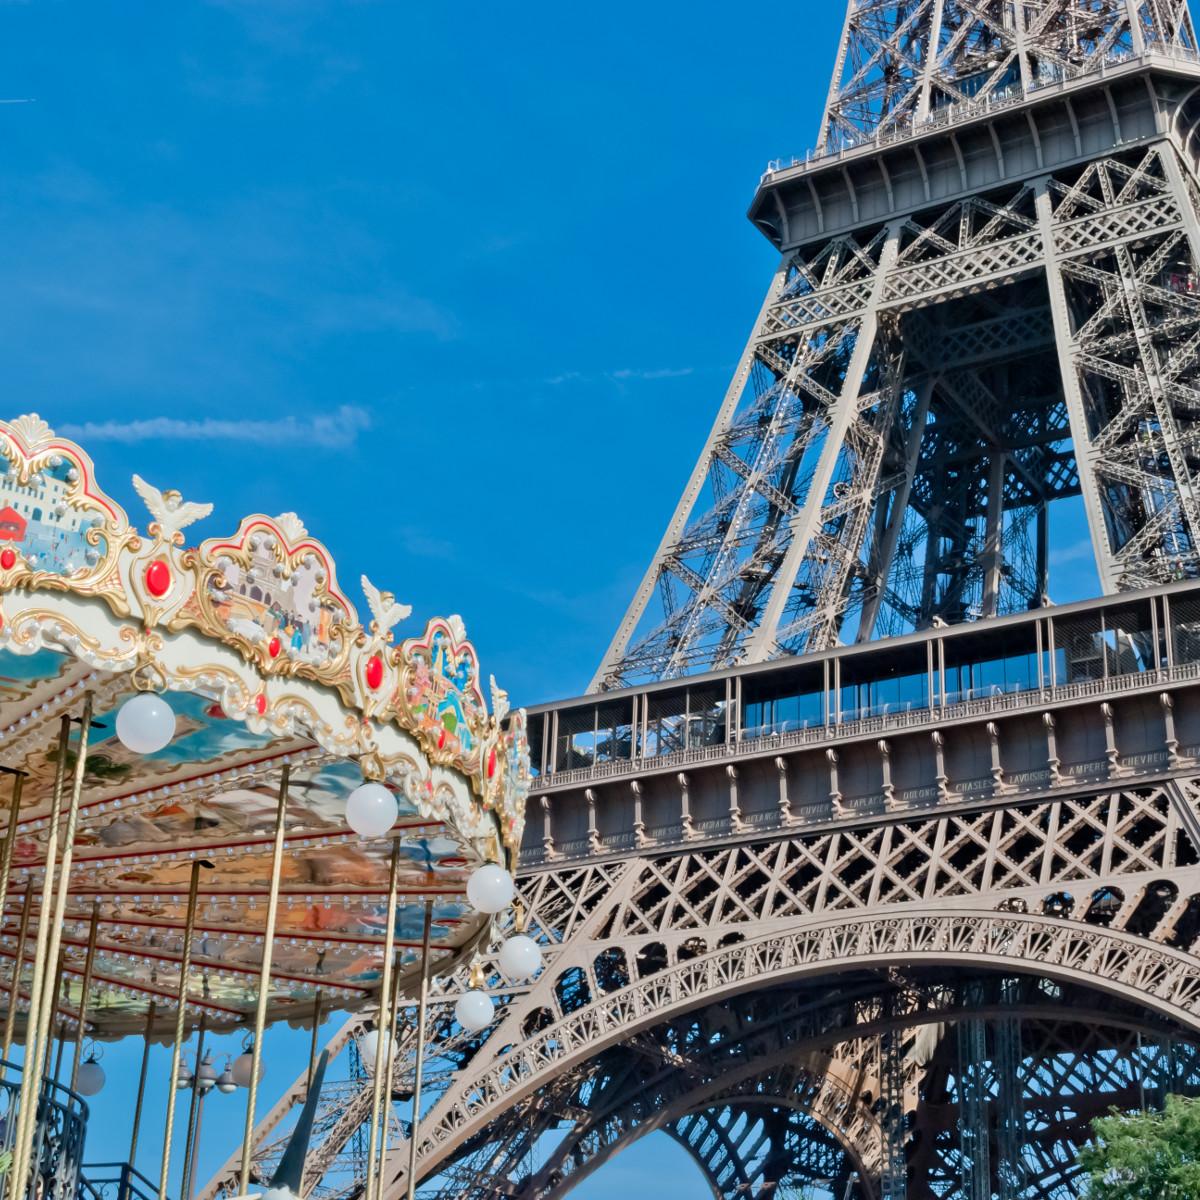 Tower Eiffel in Paris